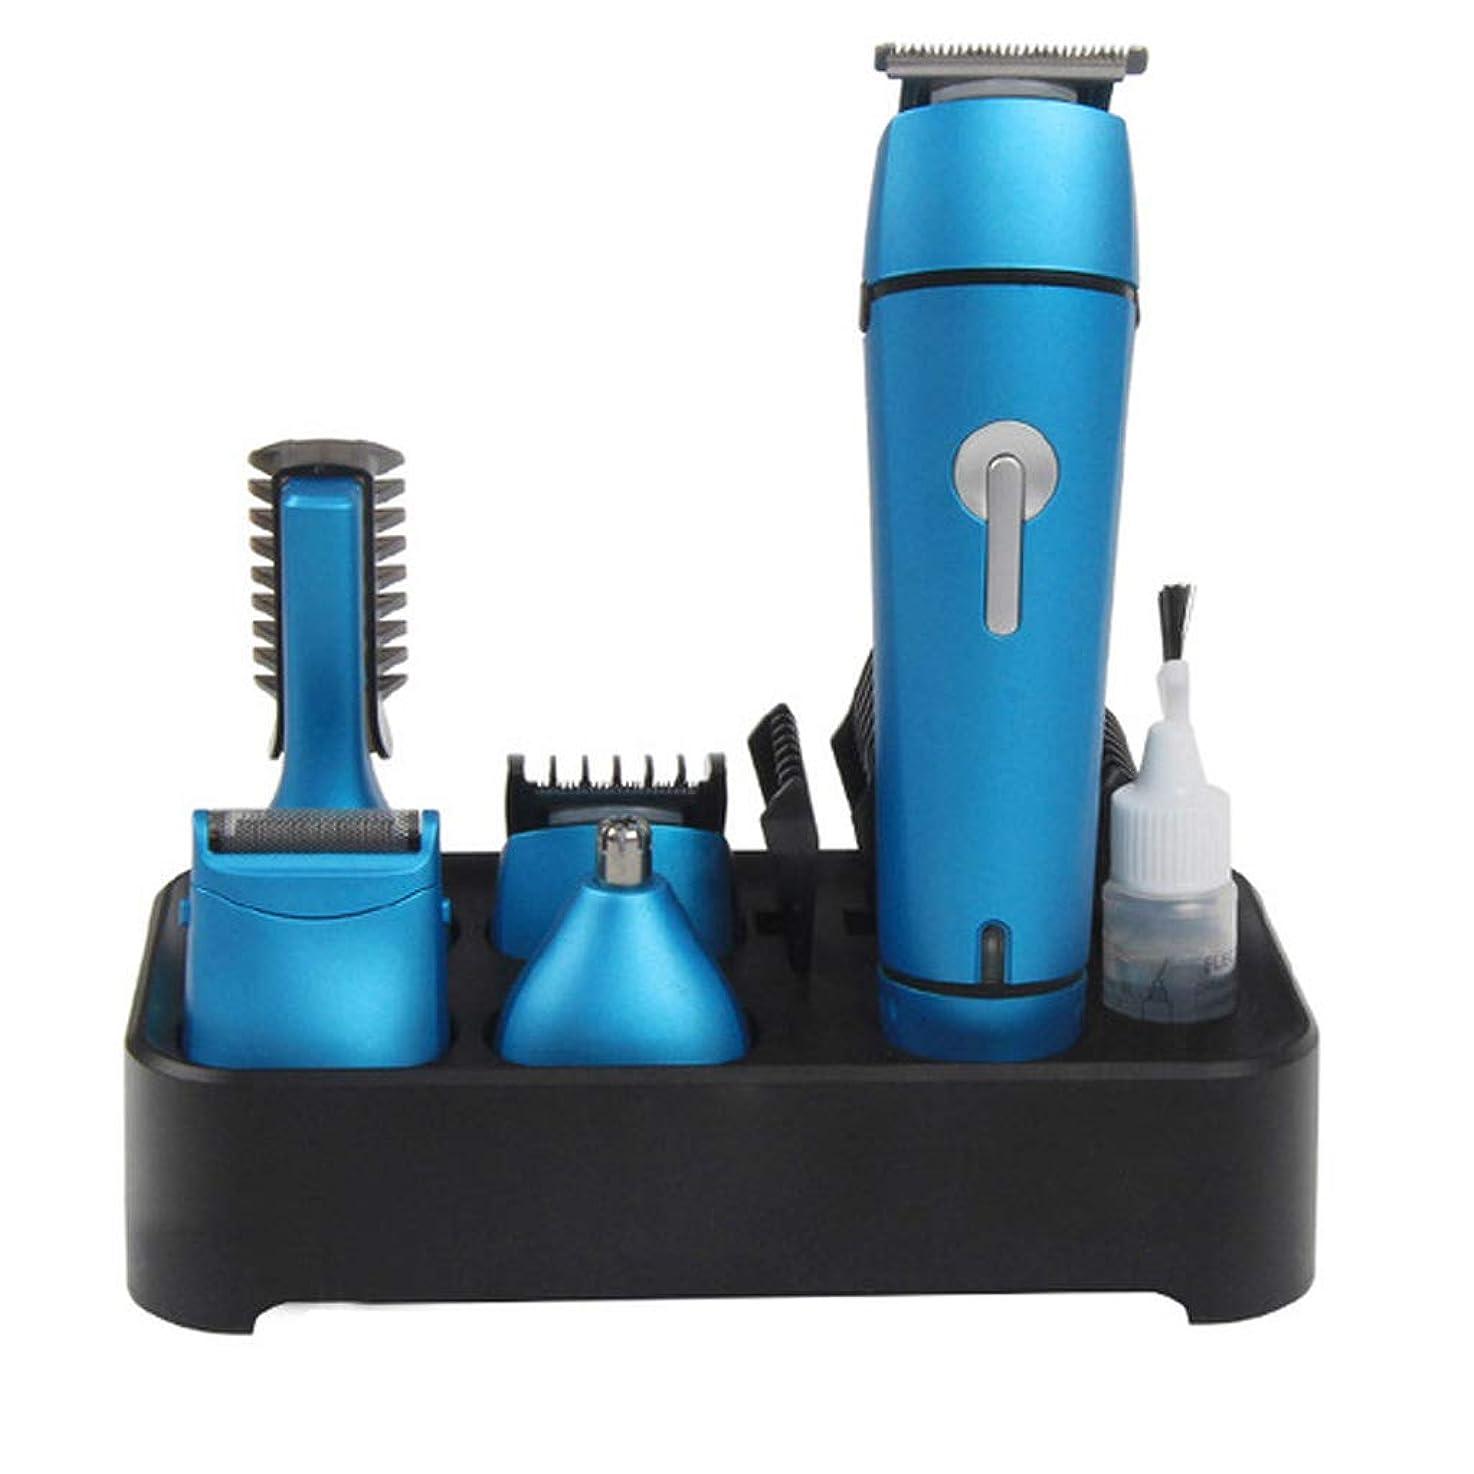 電気男性用シェーバー/トリマー、コードレスコードレス多機能バリカン/鼻毛/コーナートリムセット、ギフト